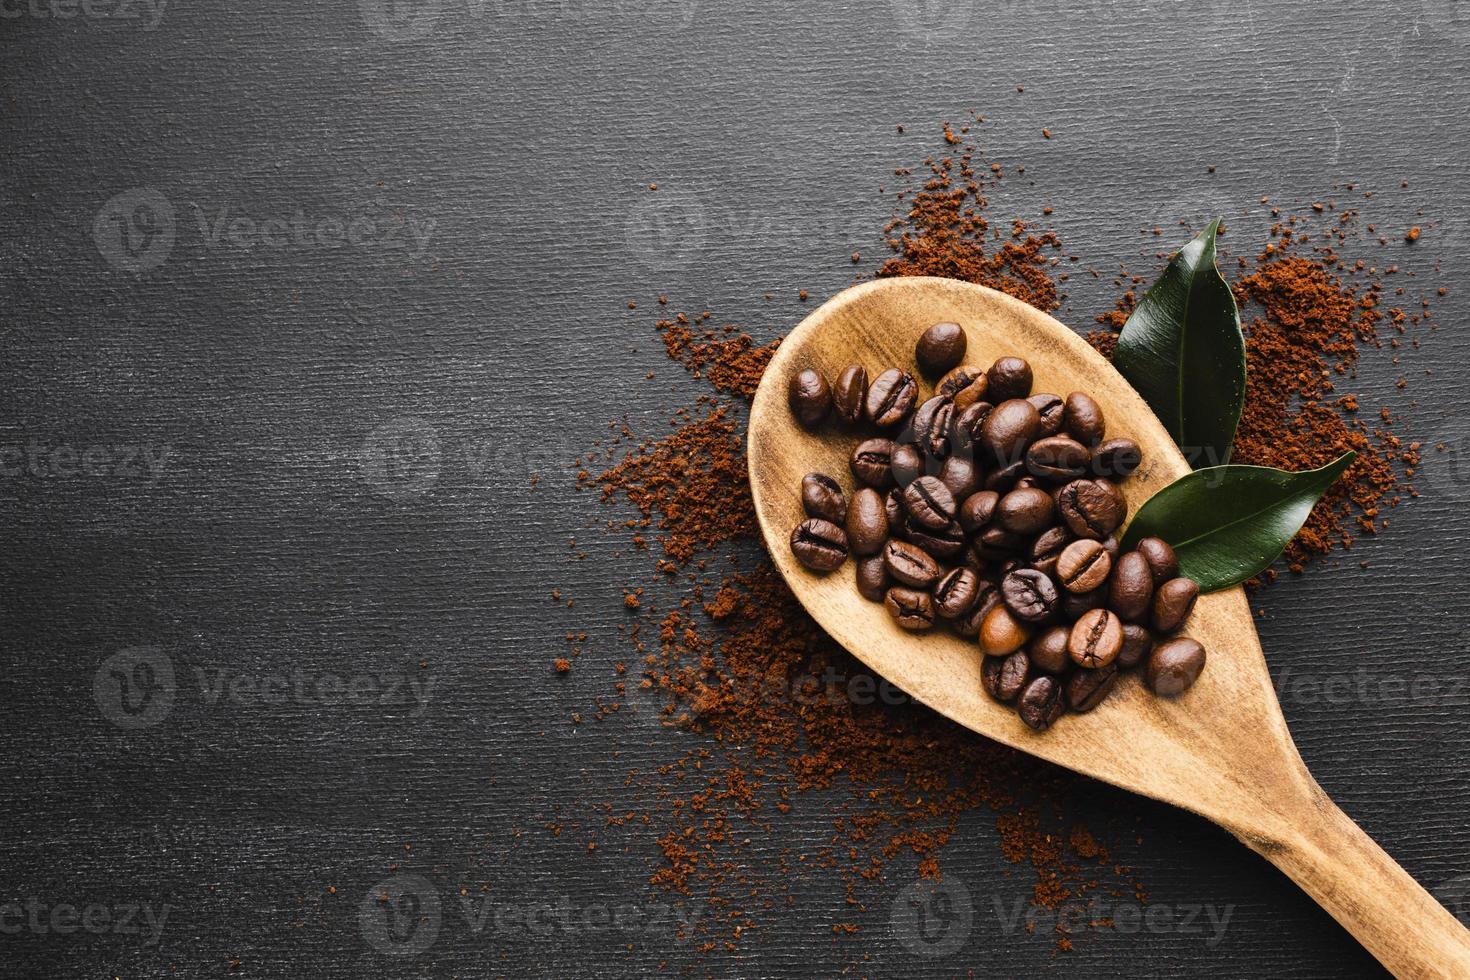 cucharada de café en la mesa foto